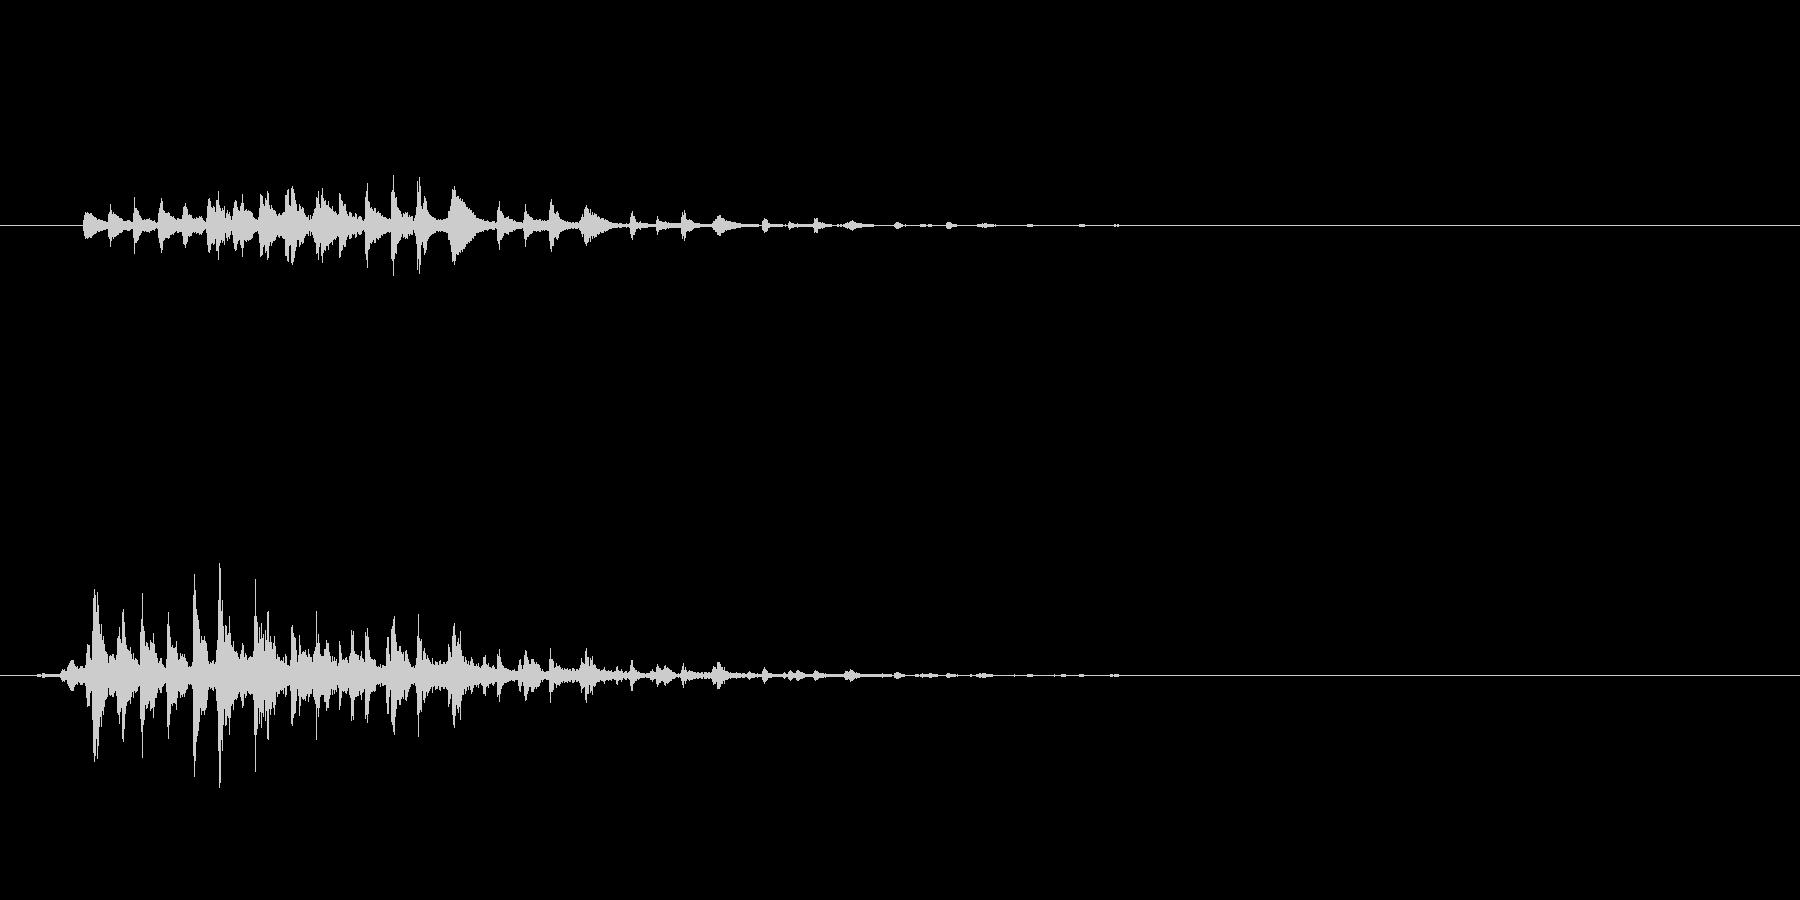 ガラガラ(ホラー向けSE)の未再生の波形